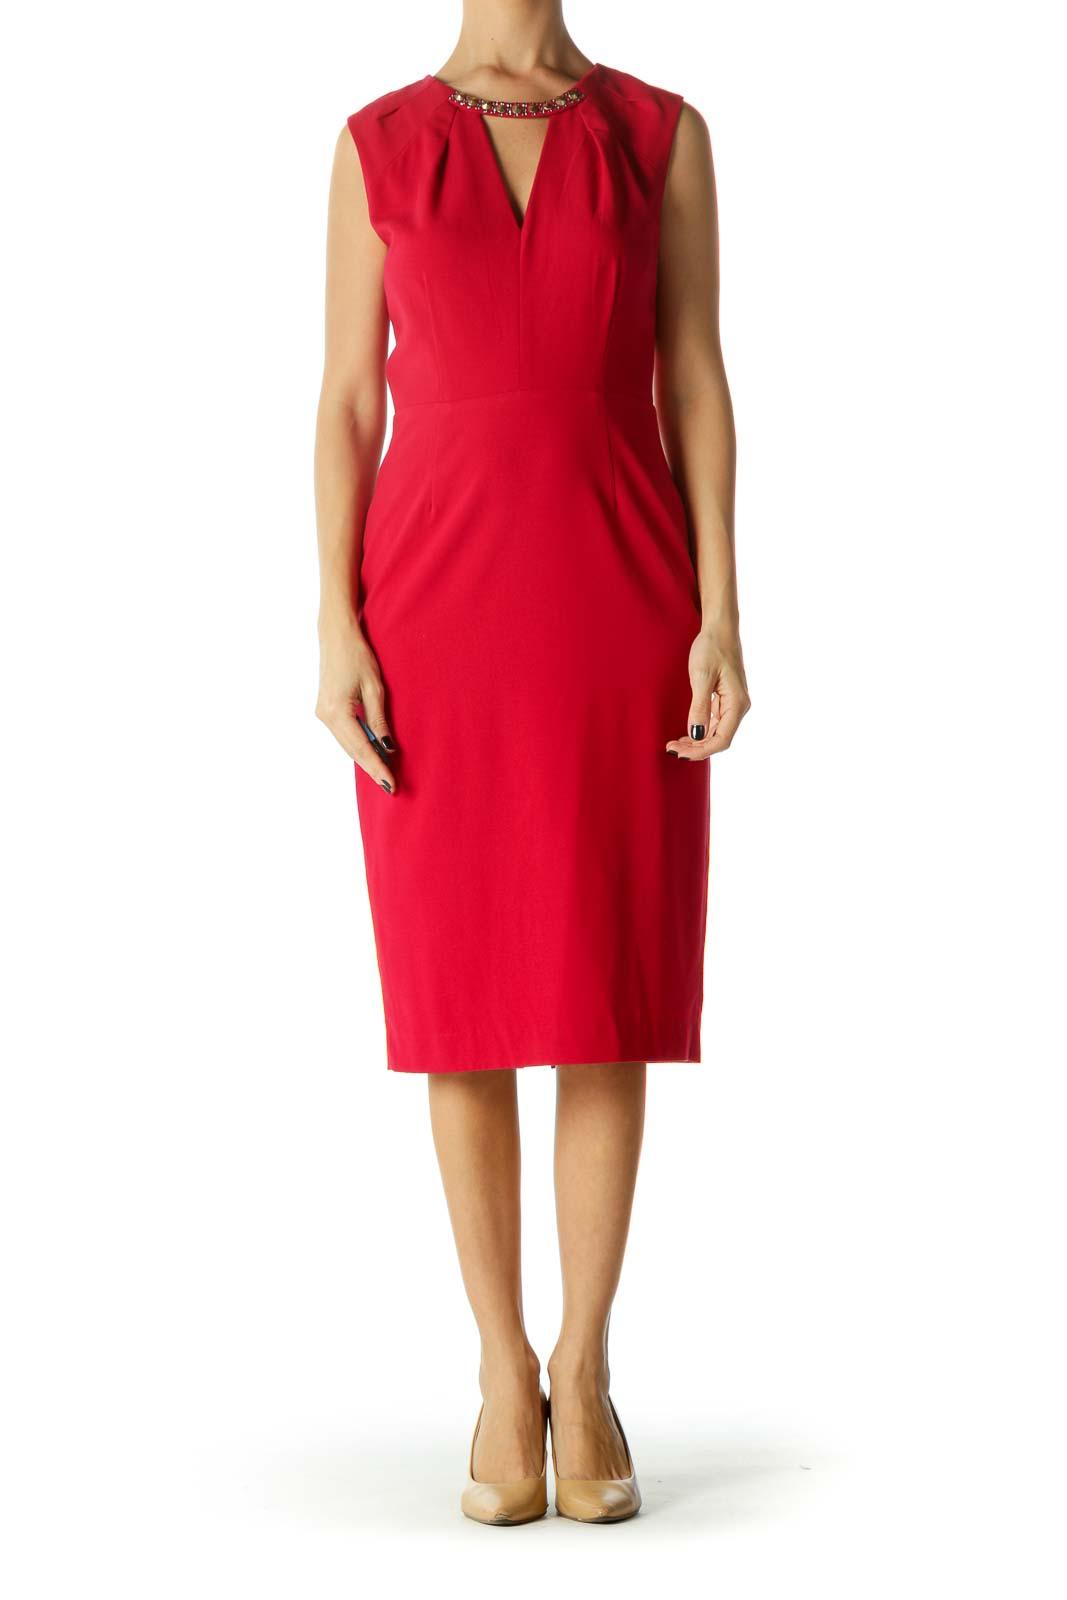 Red Embellished Neckline V-Neck Keyhole Work Dress